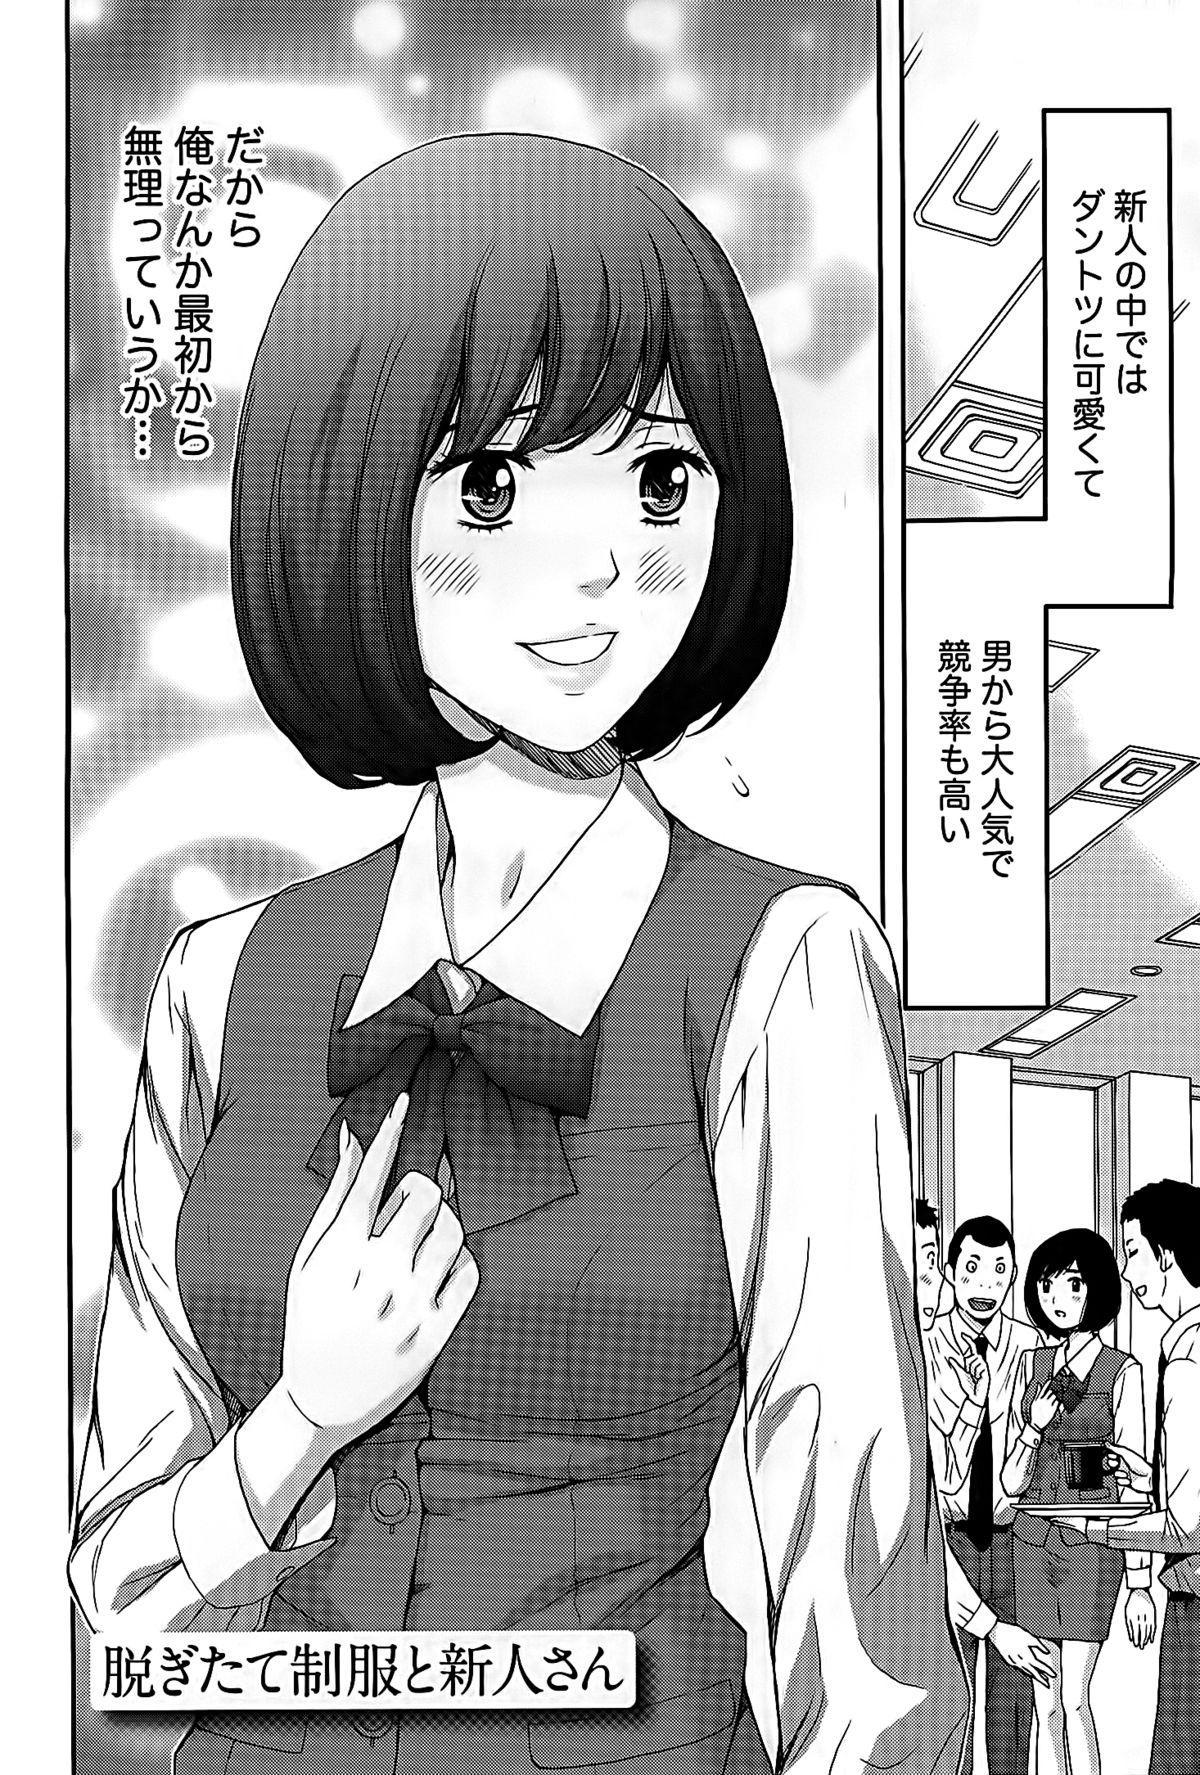 Shittori Lady to Amai Mitsu 85